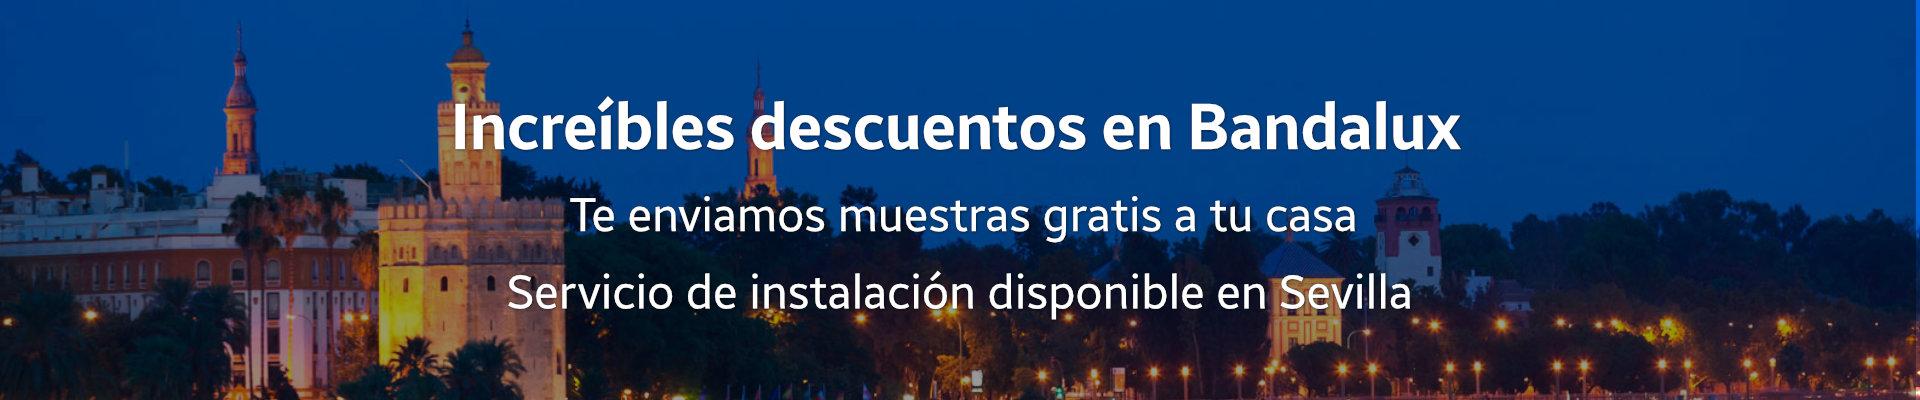 Grandes descuentos en Bandalux para Sevilla